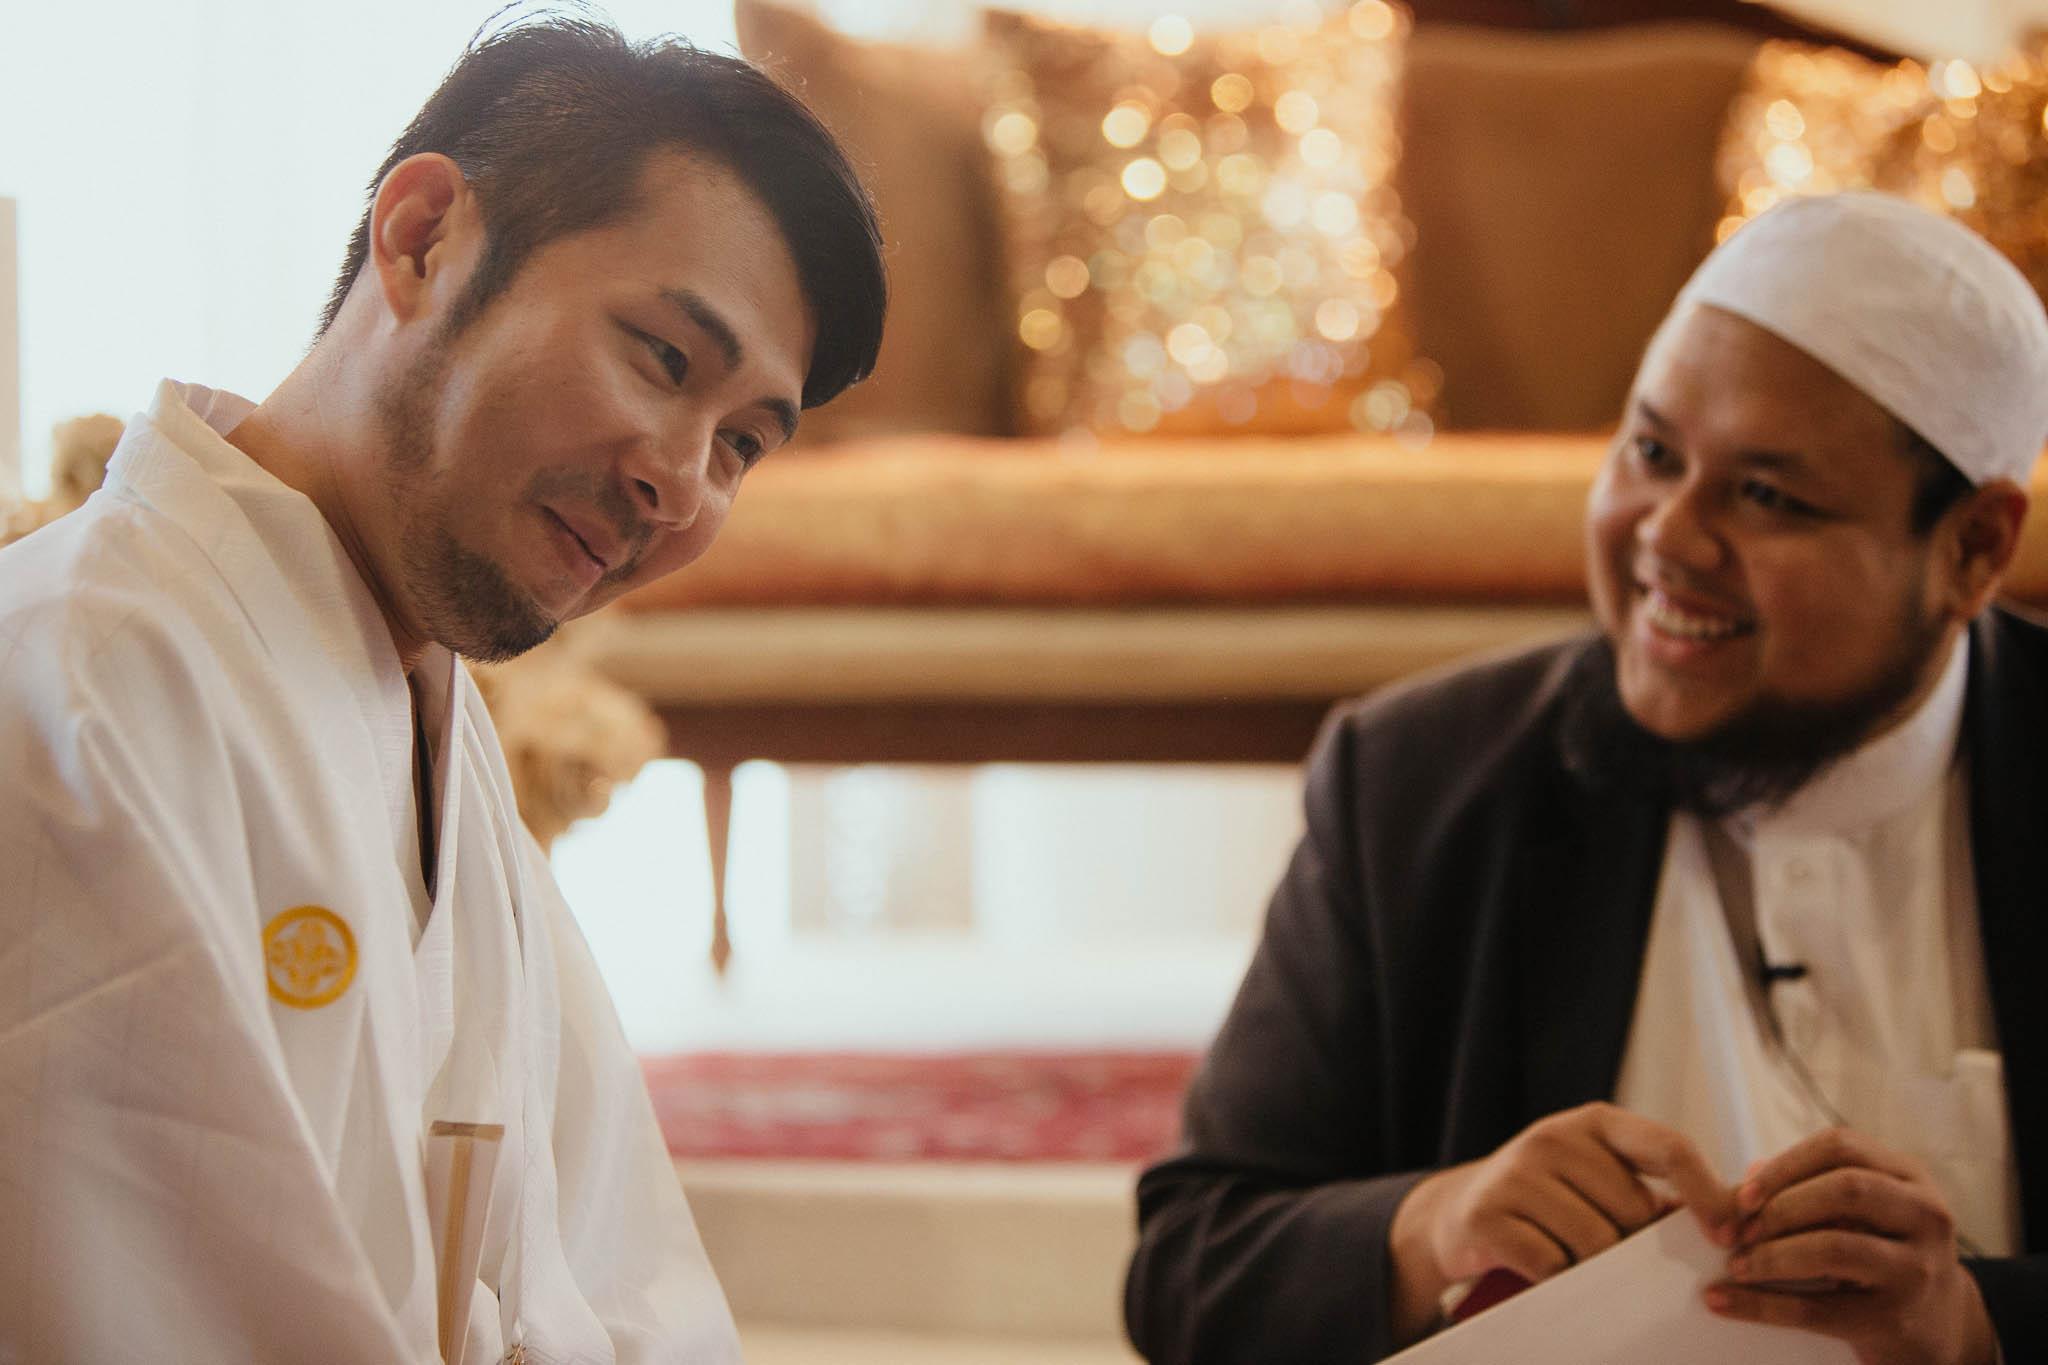 singapore-wedding-photographer-travel-wemadethese-atara-hafizah-20.jpg